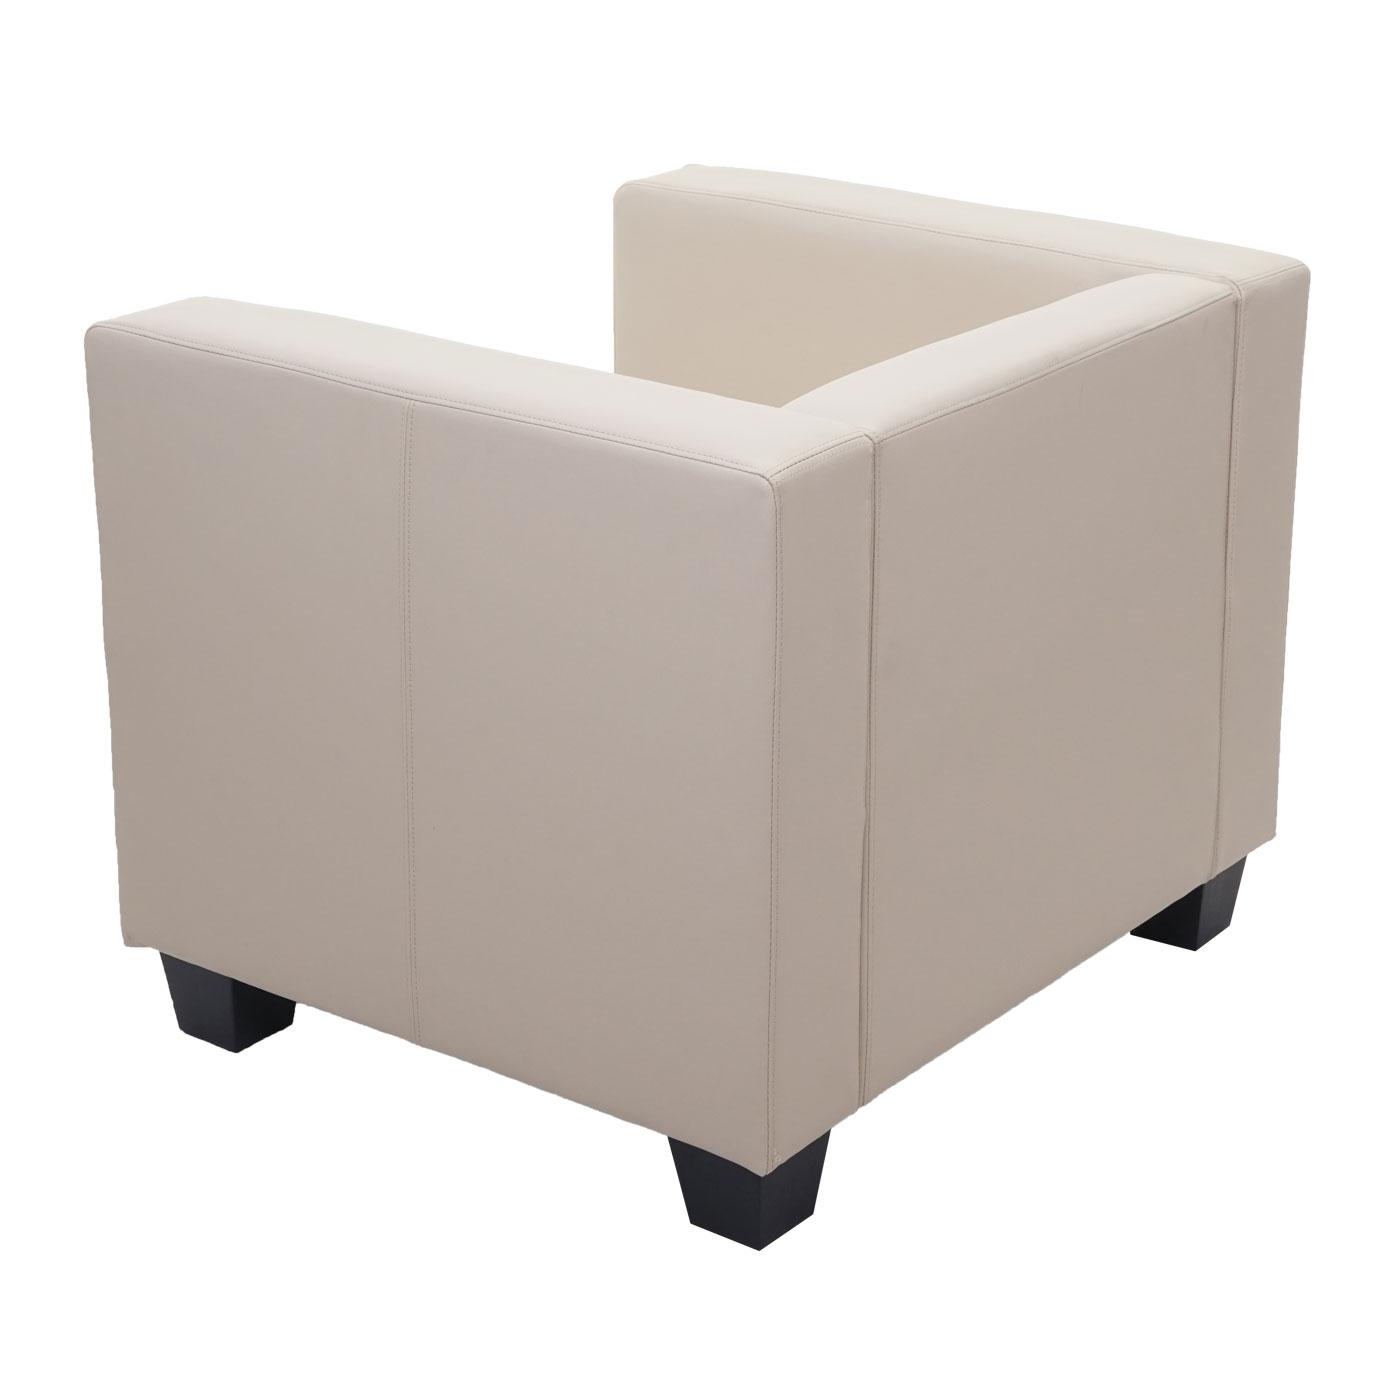 Sessel Loungesessel Lille Rückansicht